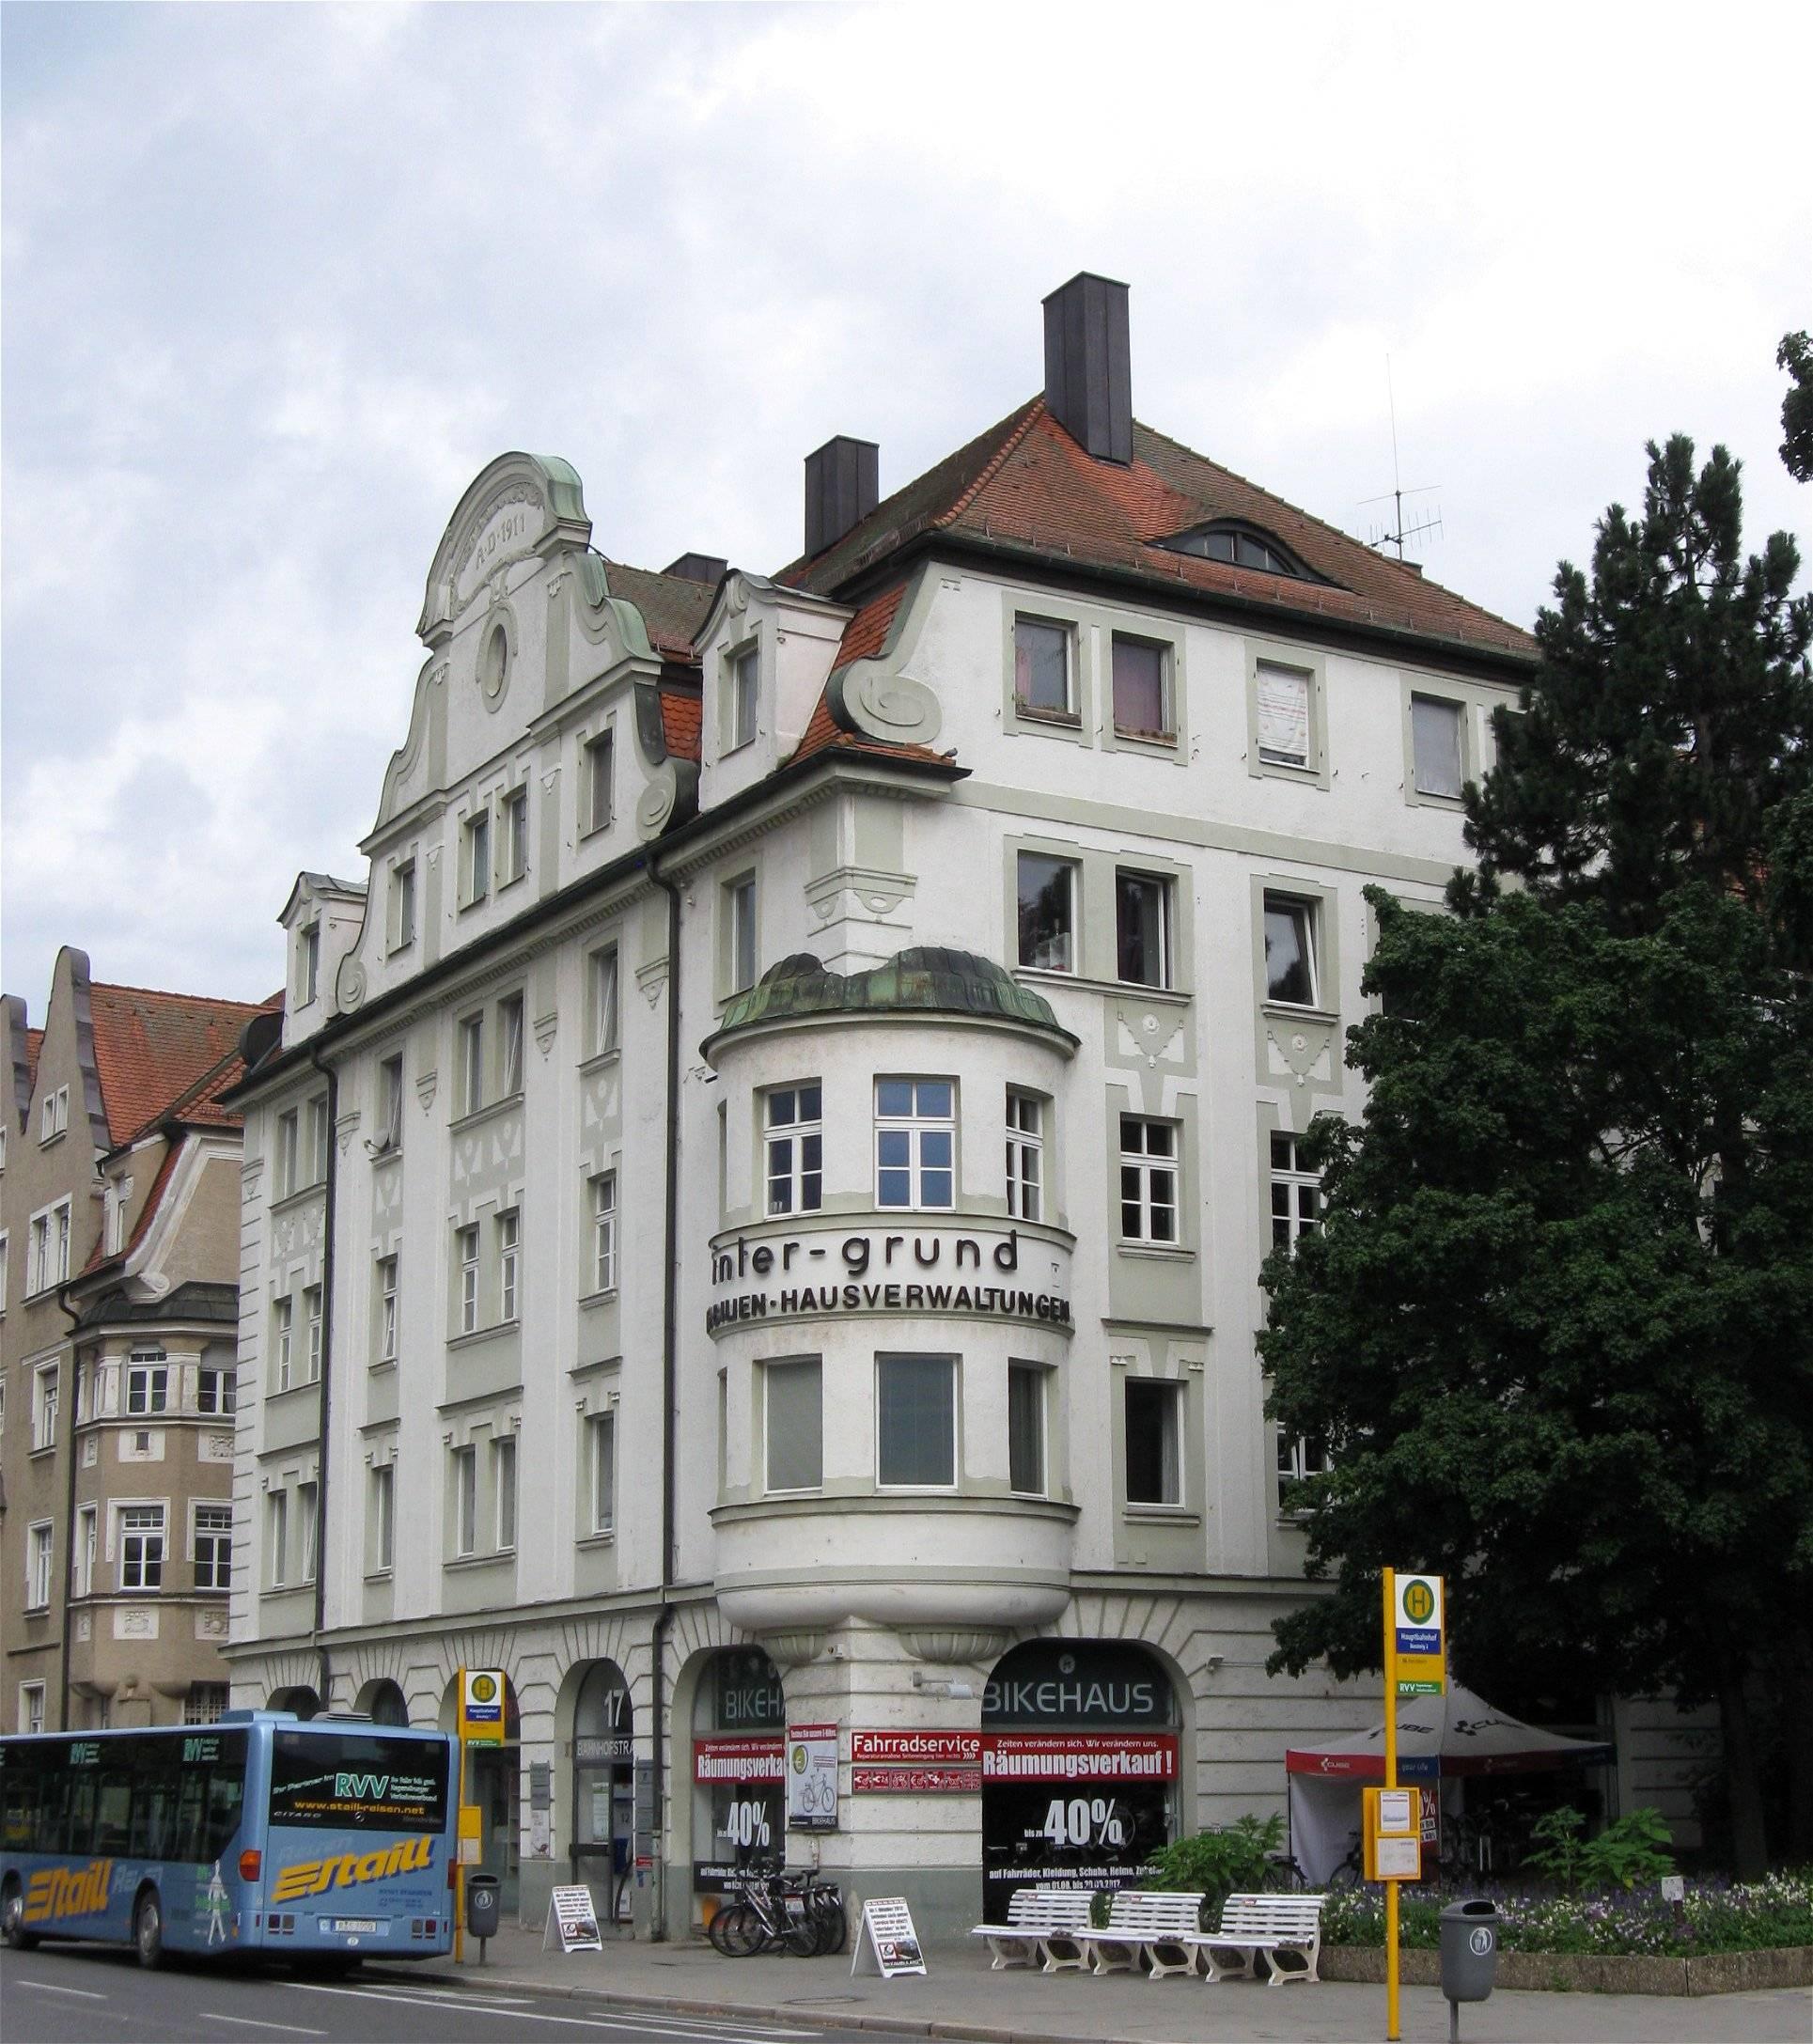 Аренда и покупка недвижимости в регенсбурге